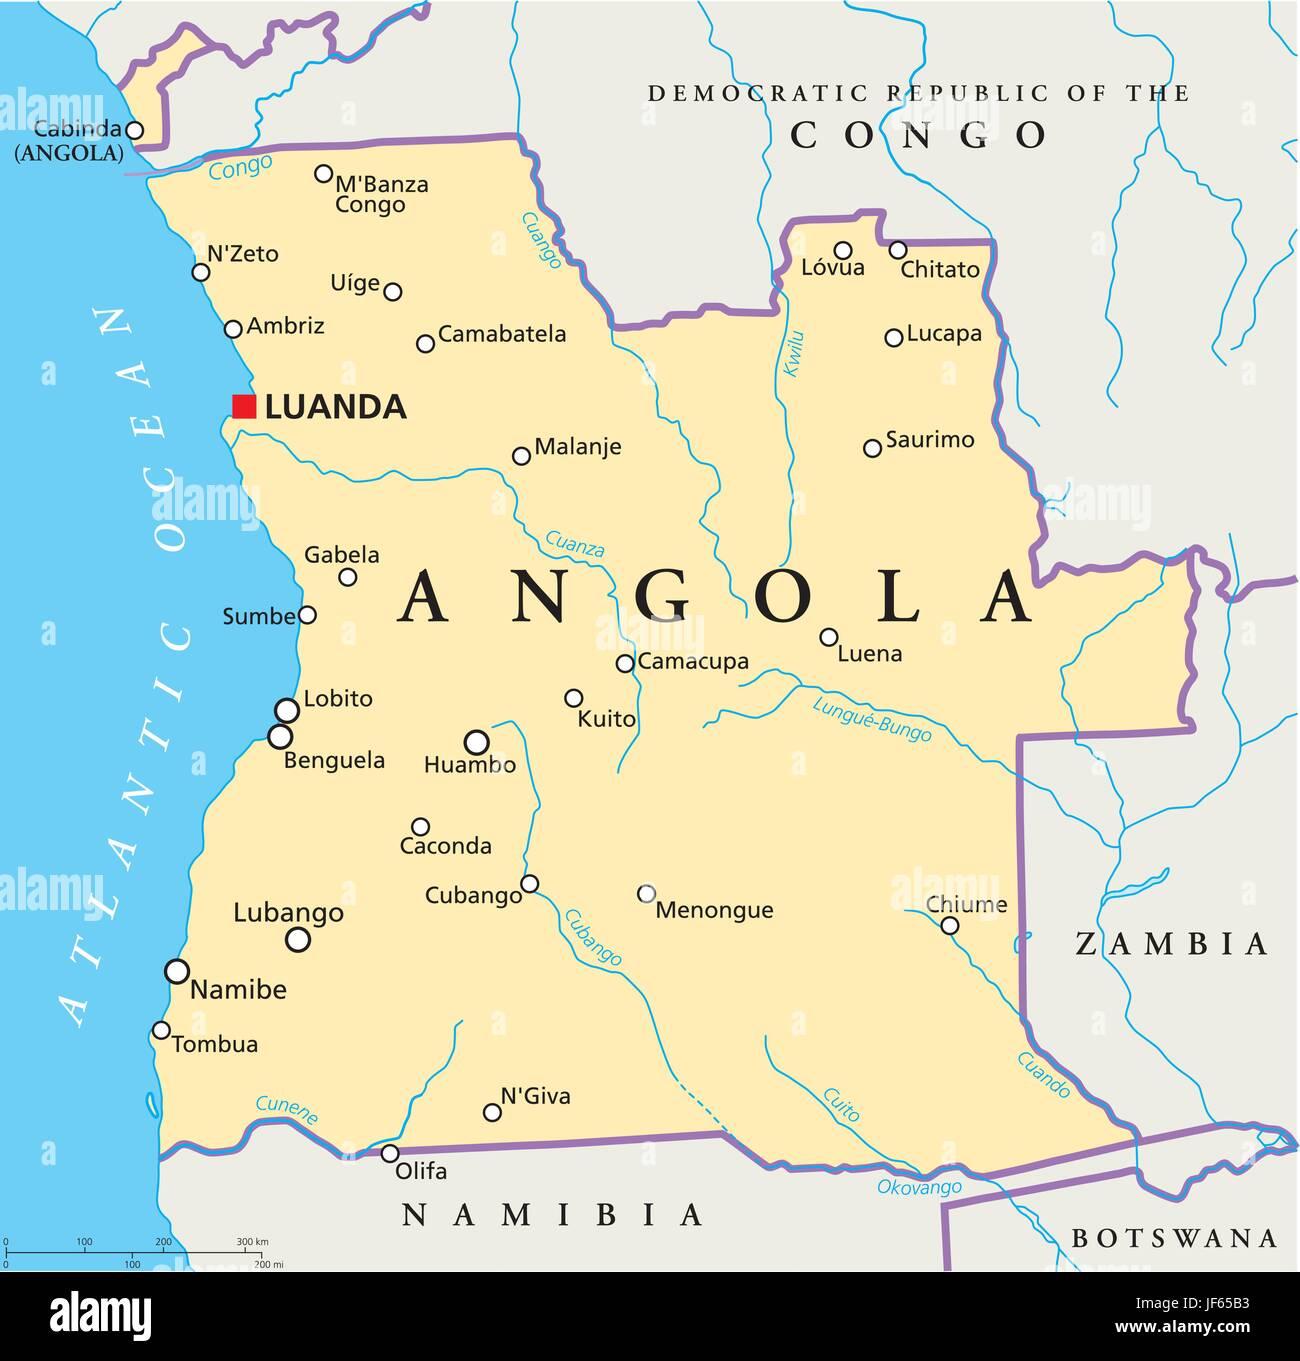 Angola Africa Map Stockfotos & Angola Africa Map Bilder - Alamy